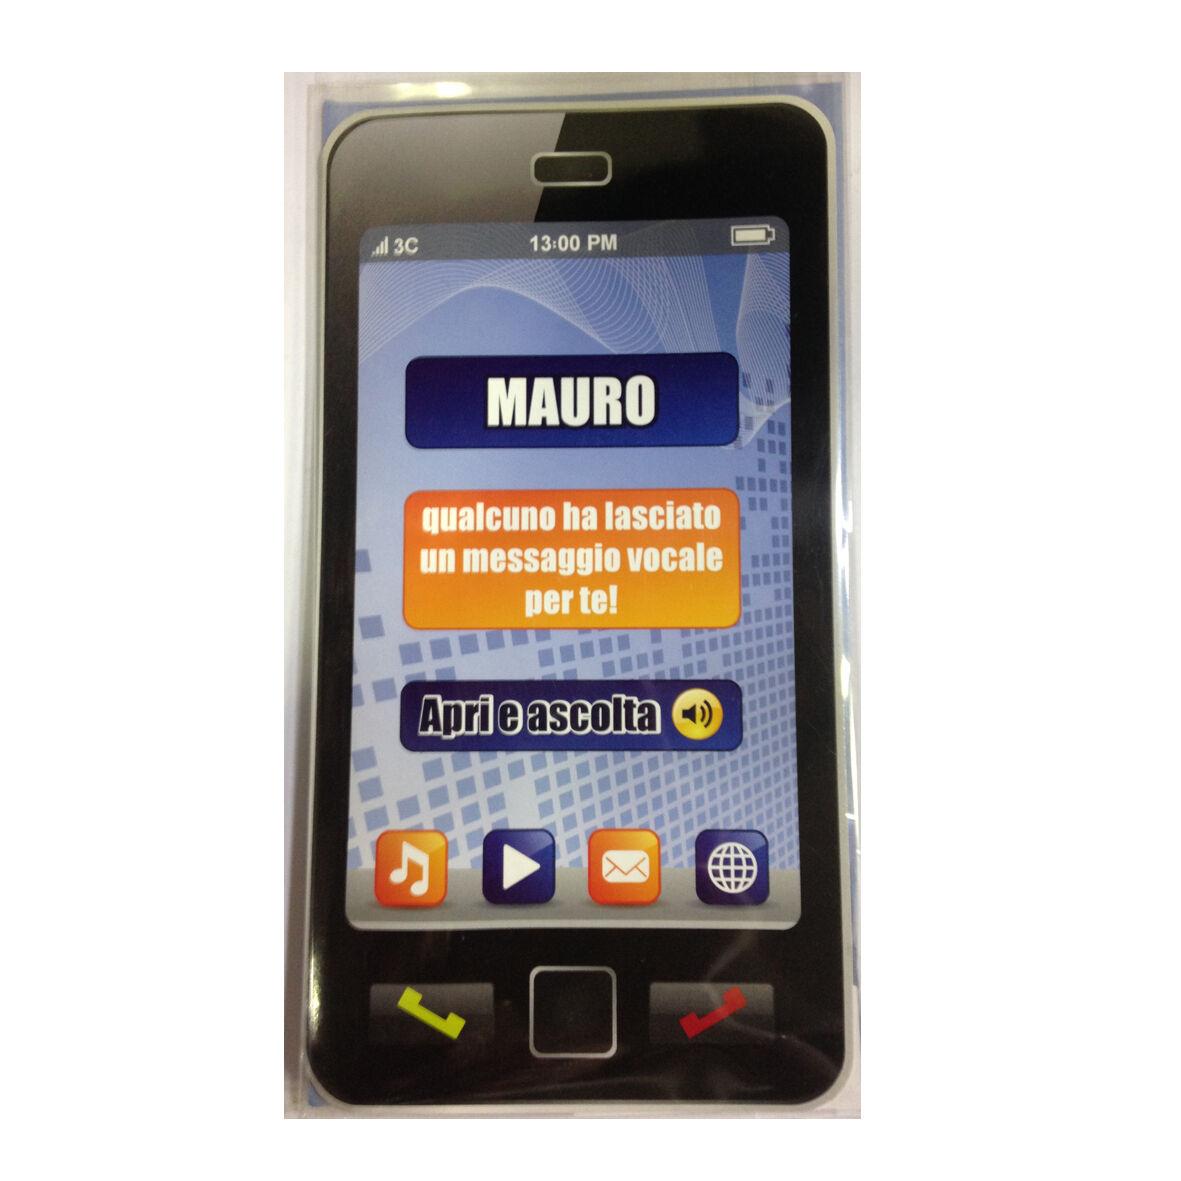 COMPLEANNO biglietto musicale a telefono squilla segreteria nome MAURO